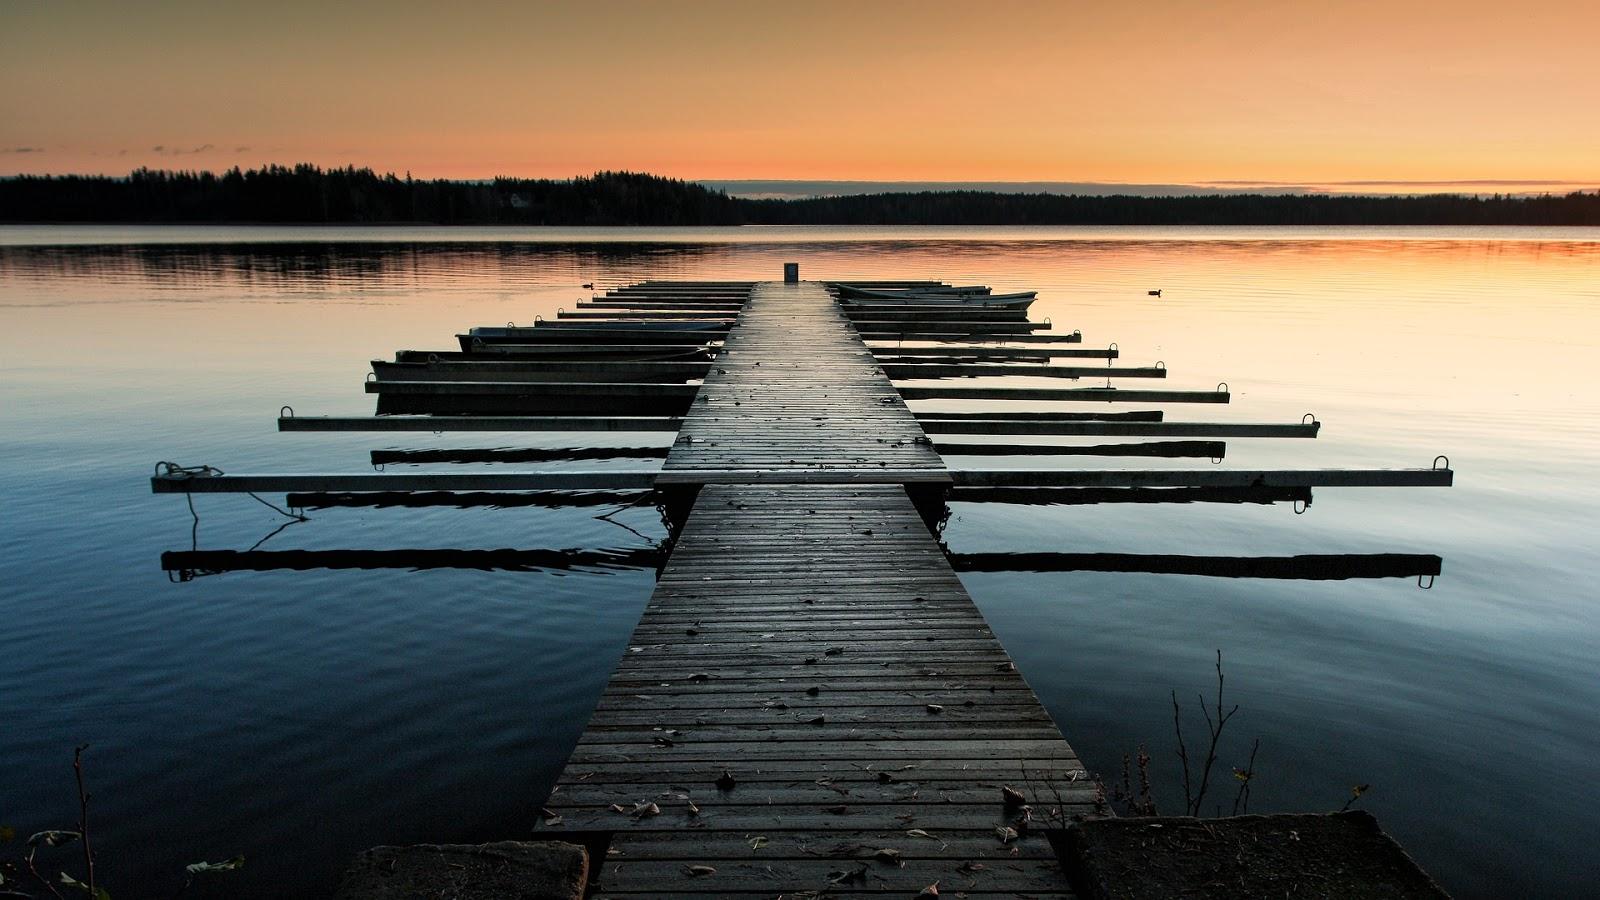 järvi, laituri, suomi, luonto, auringonlasku